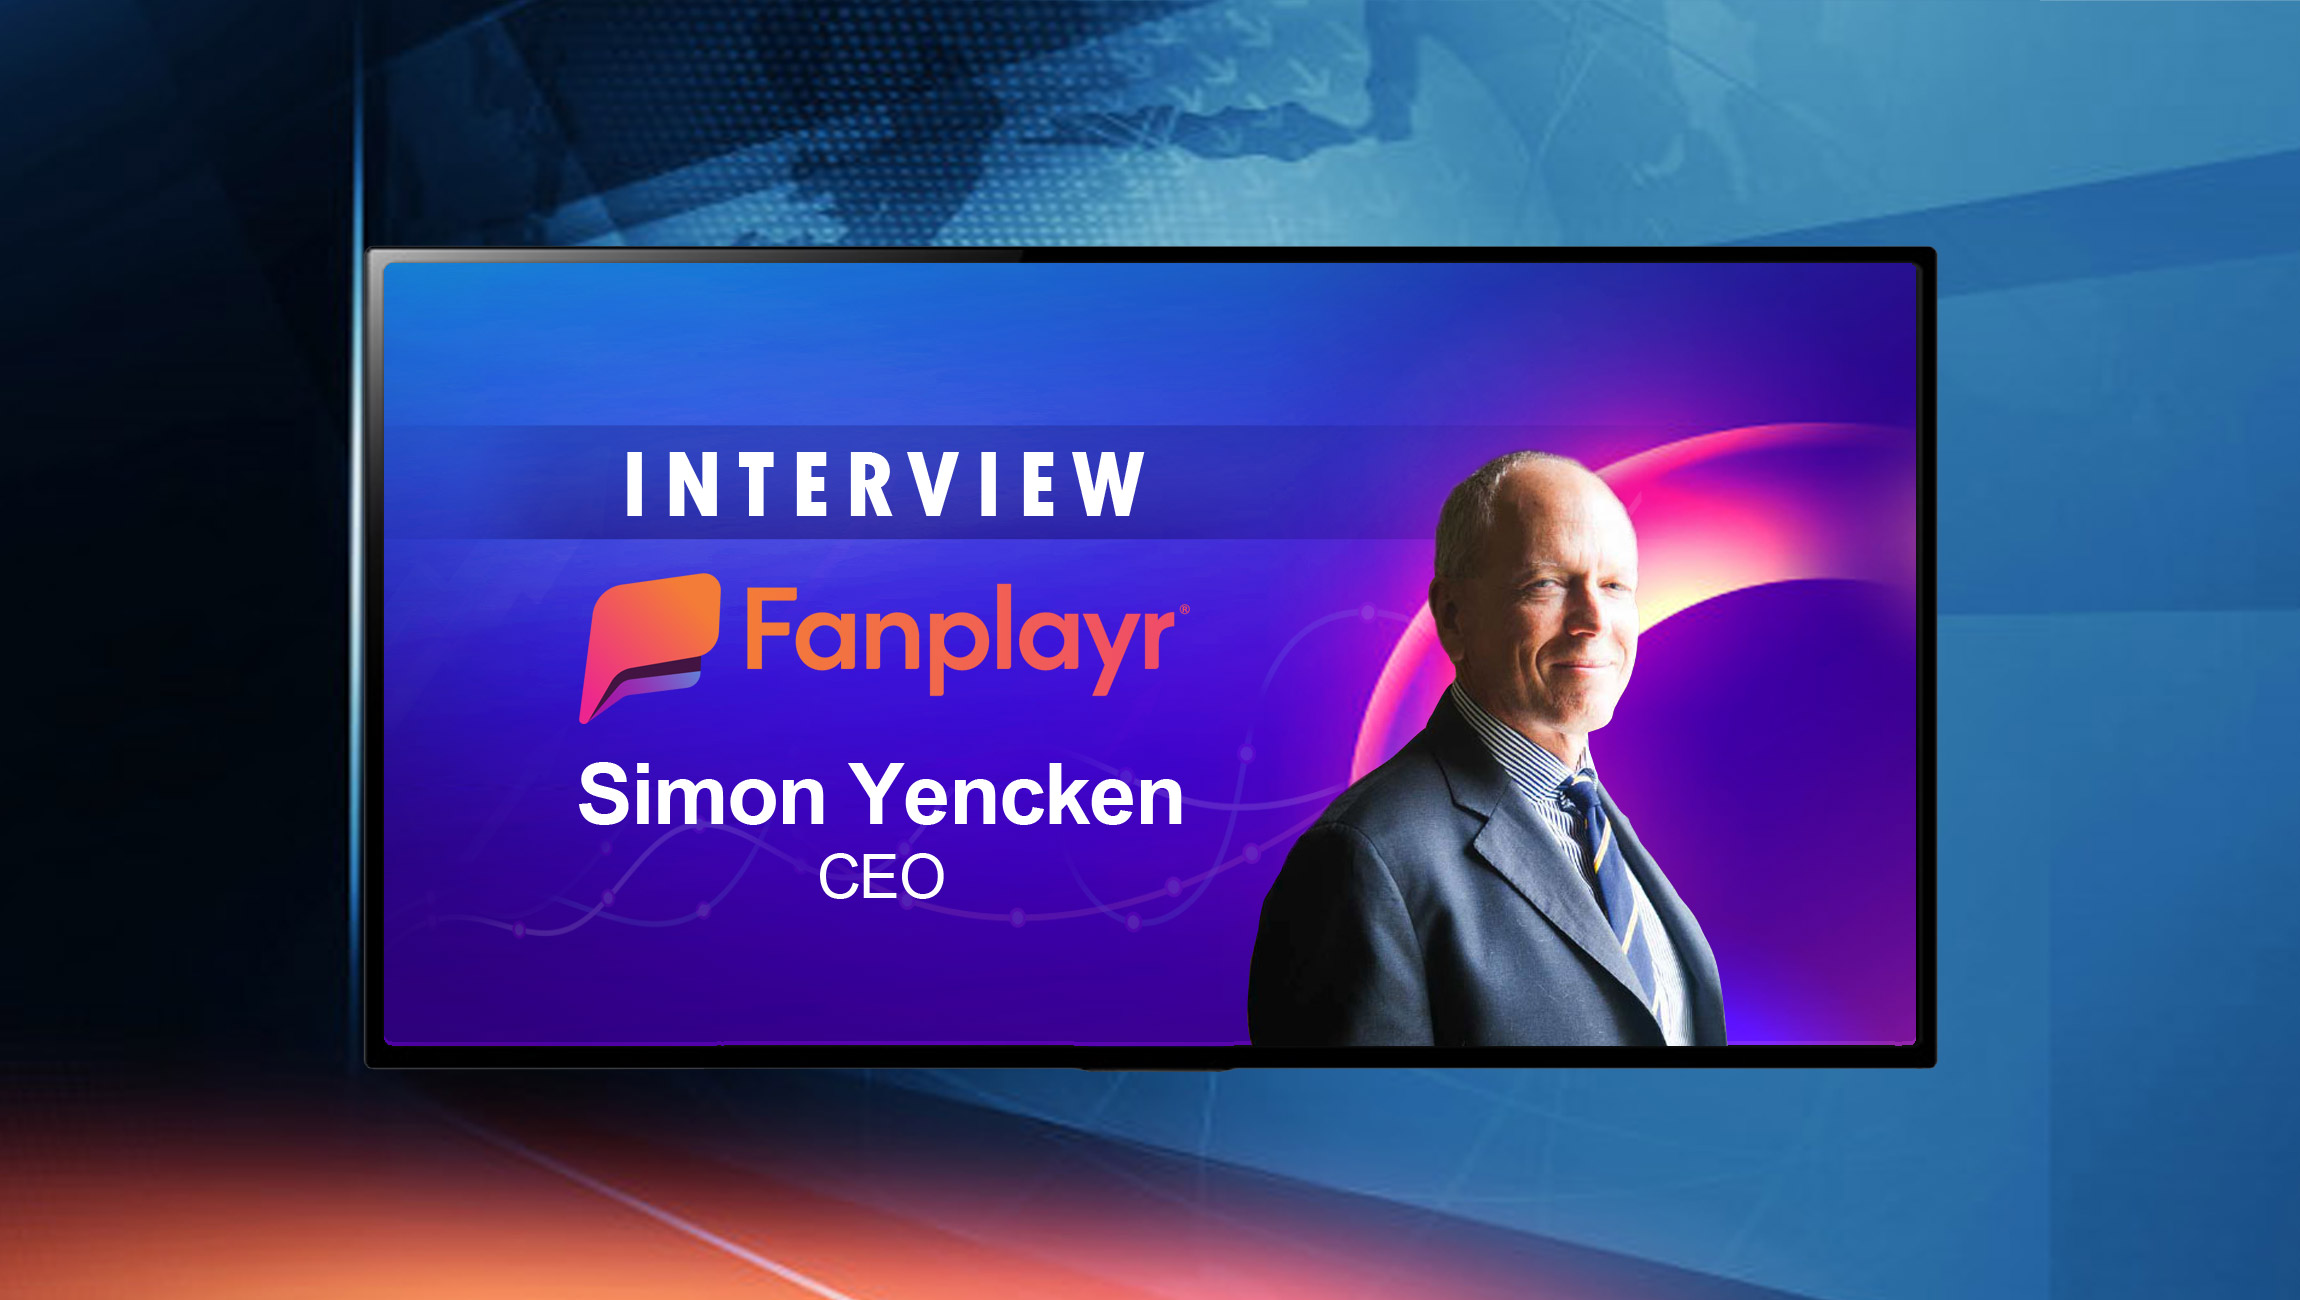 SalesTechStar Interview with Simon Yencken, CEO at Fanplayr